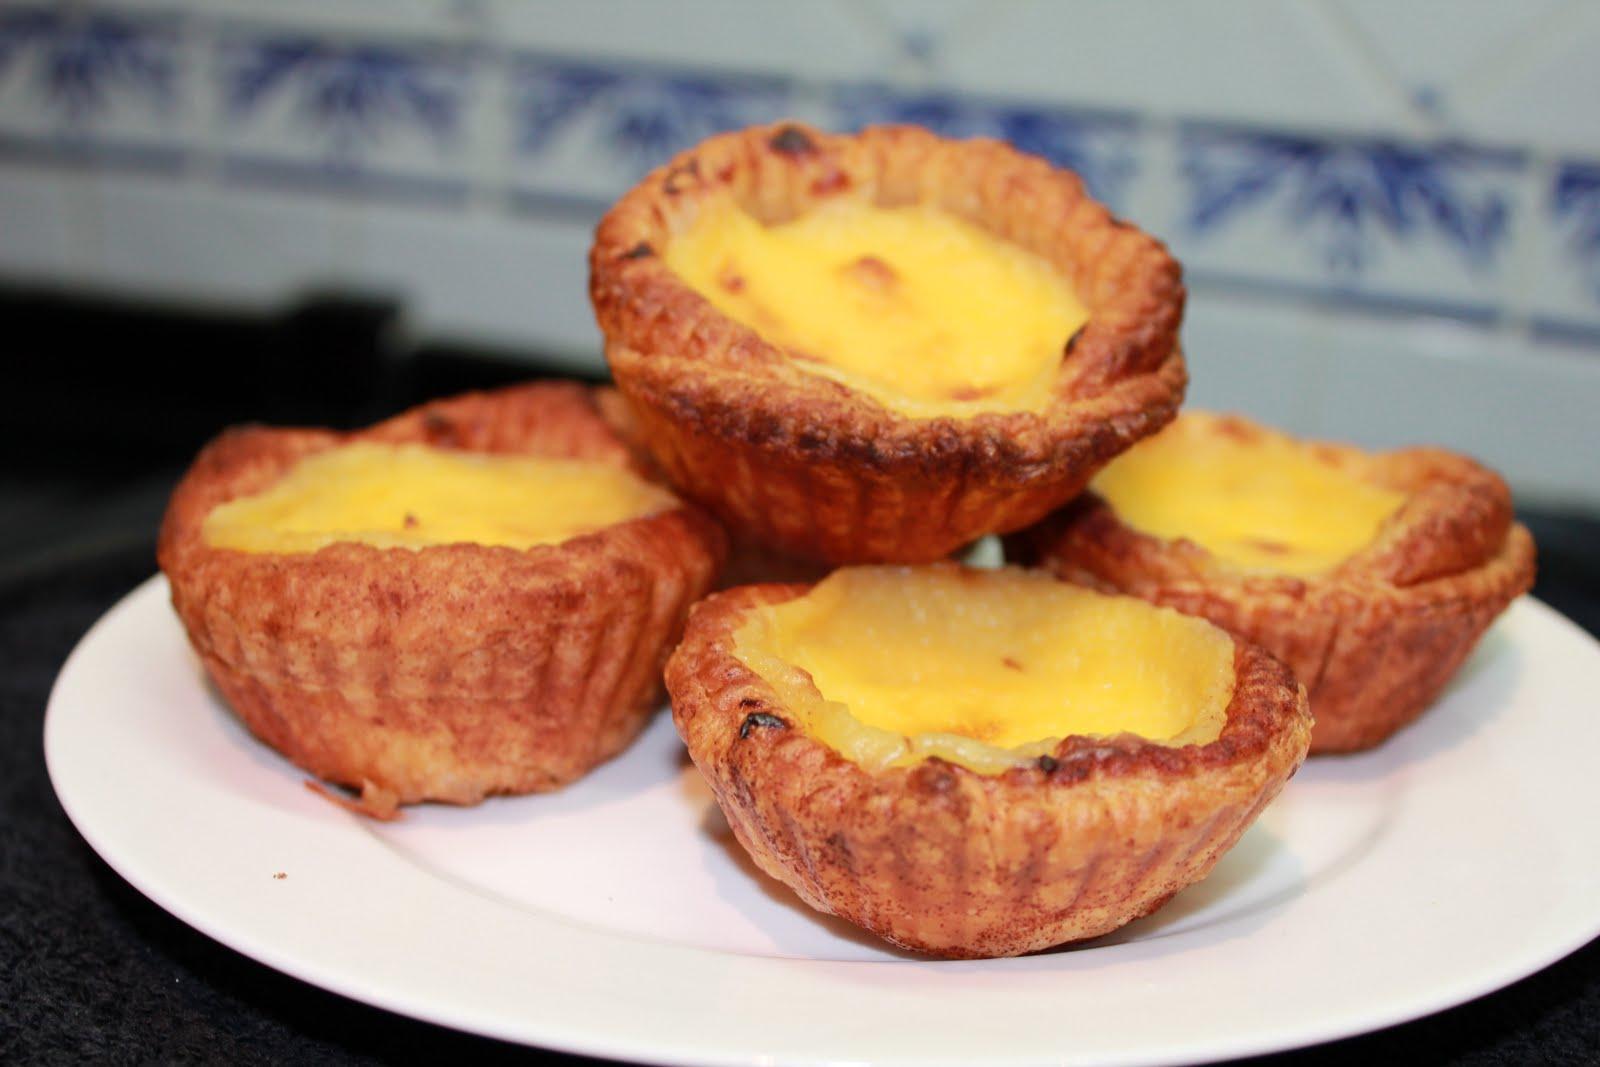 The Baking Dad: Portuguese Tarts Recipe (Pastels de nata)